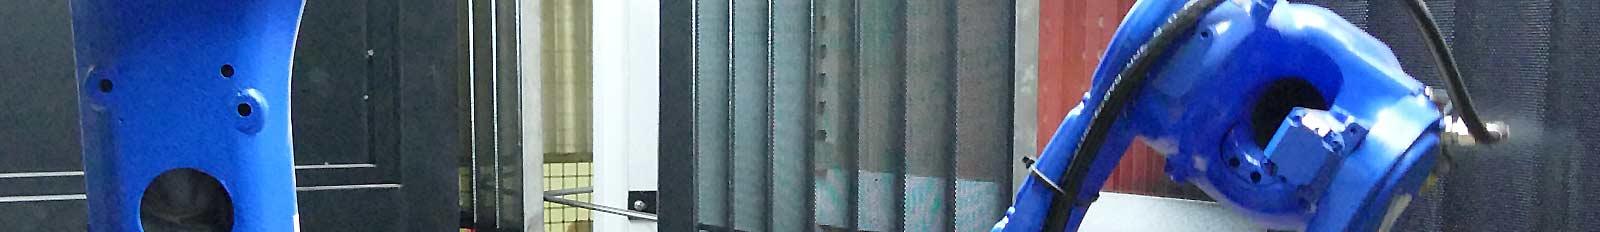 lirpa: mantenimiento y reparación de moldes de panificación